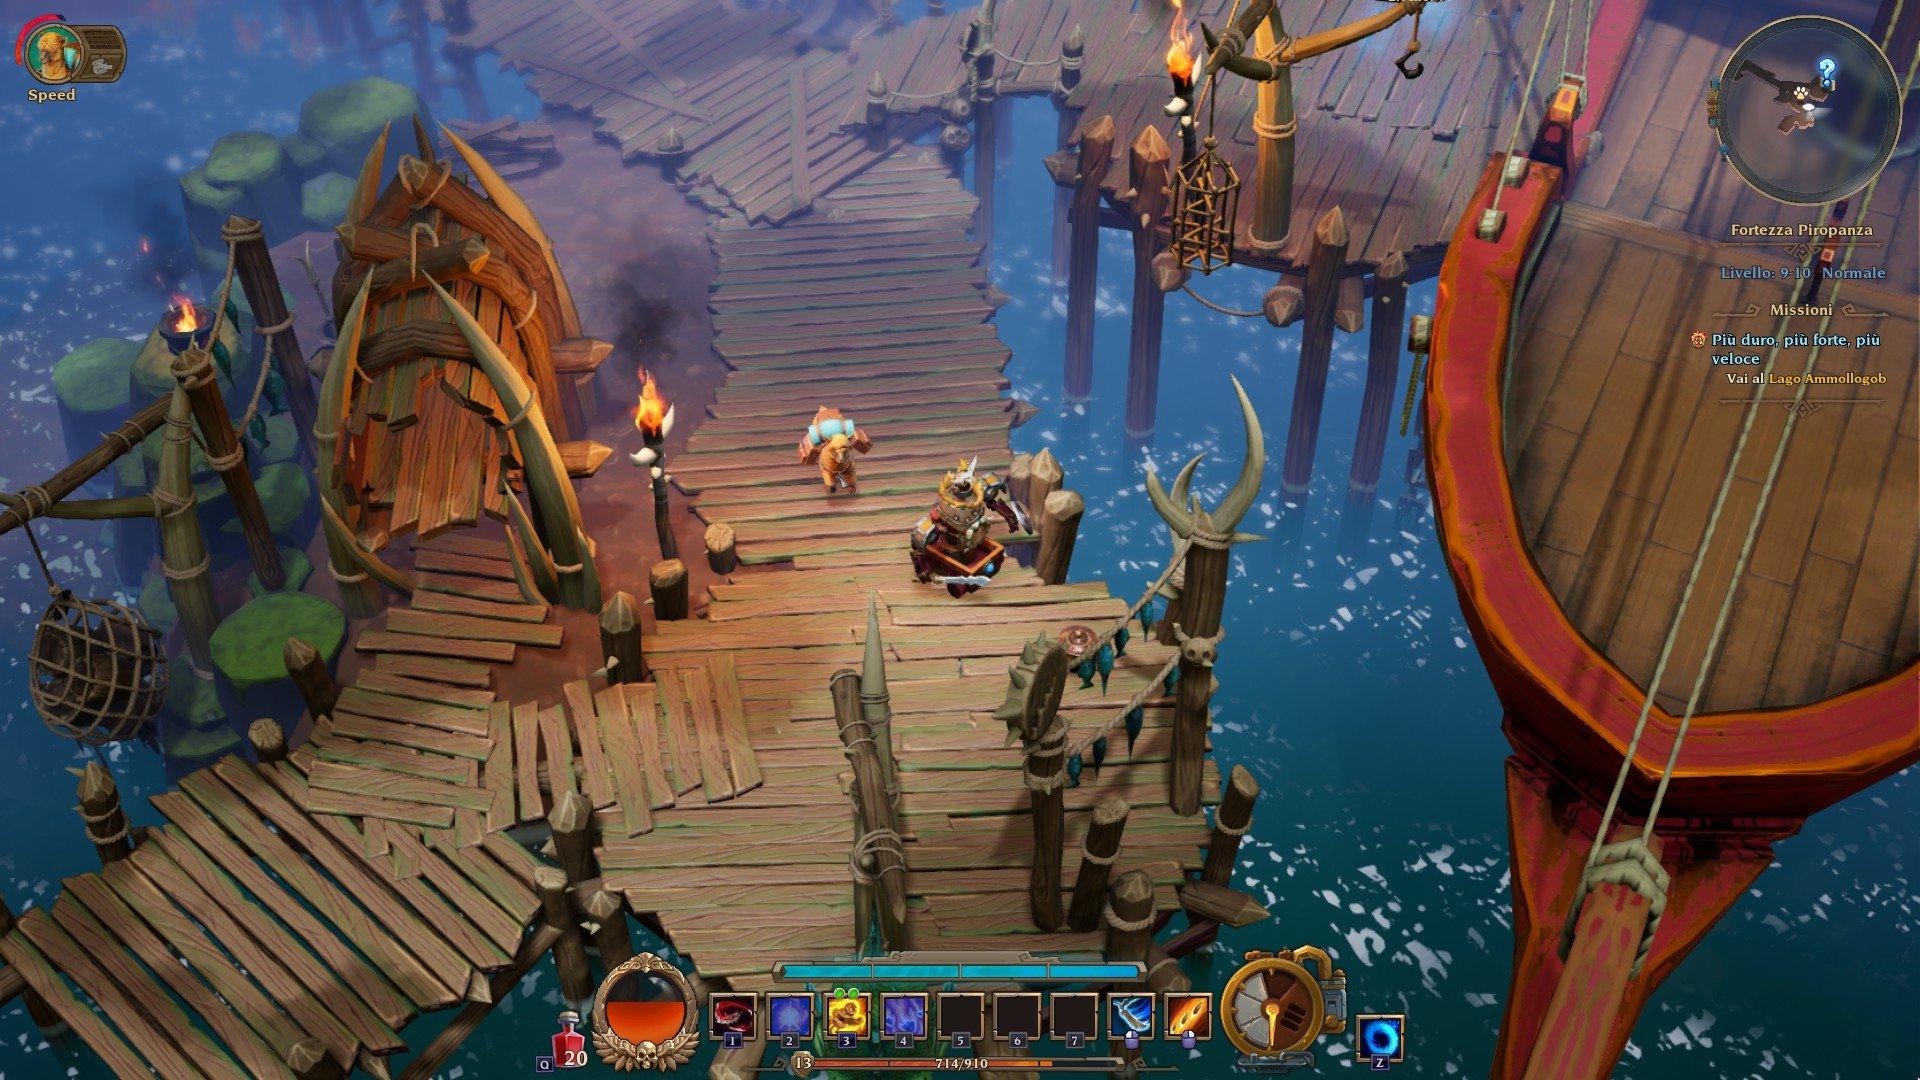 Torchlight 3 La Frontiera Torchlight 3 recensione Torchlight III recensione